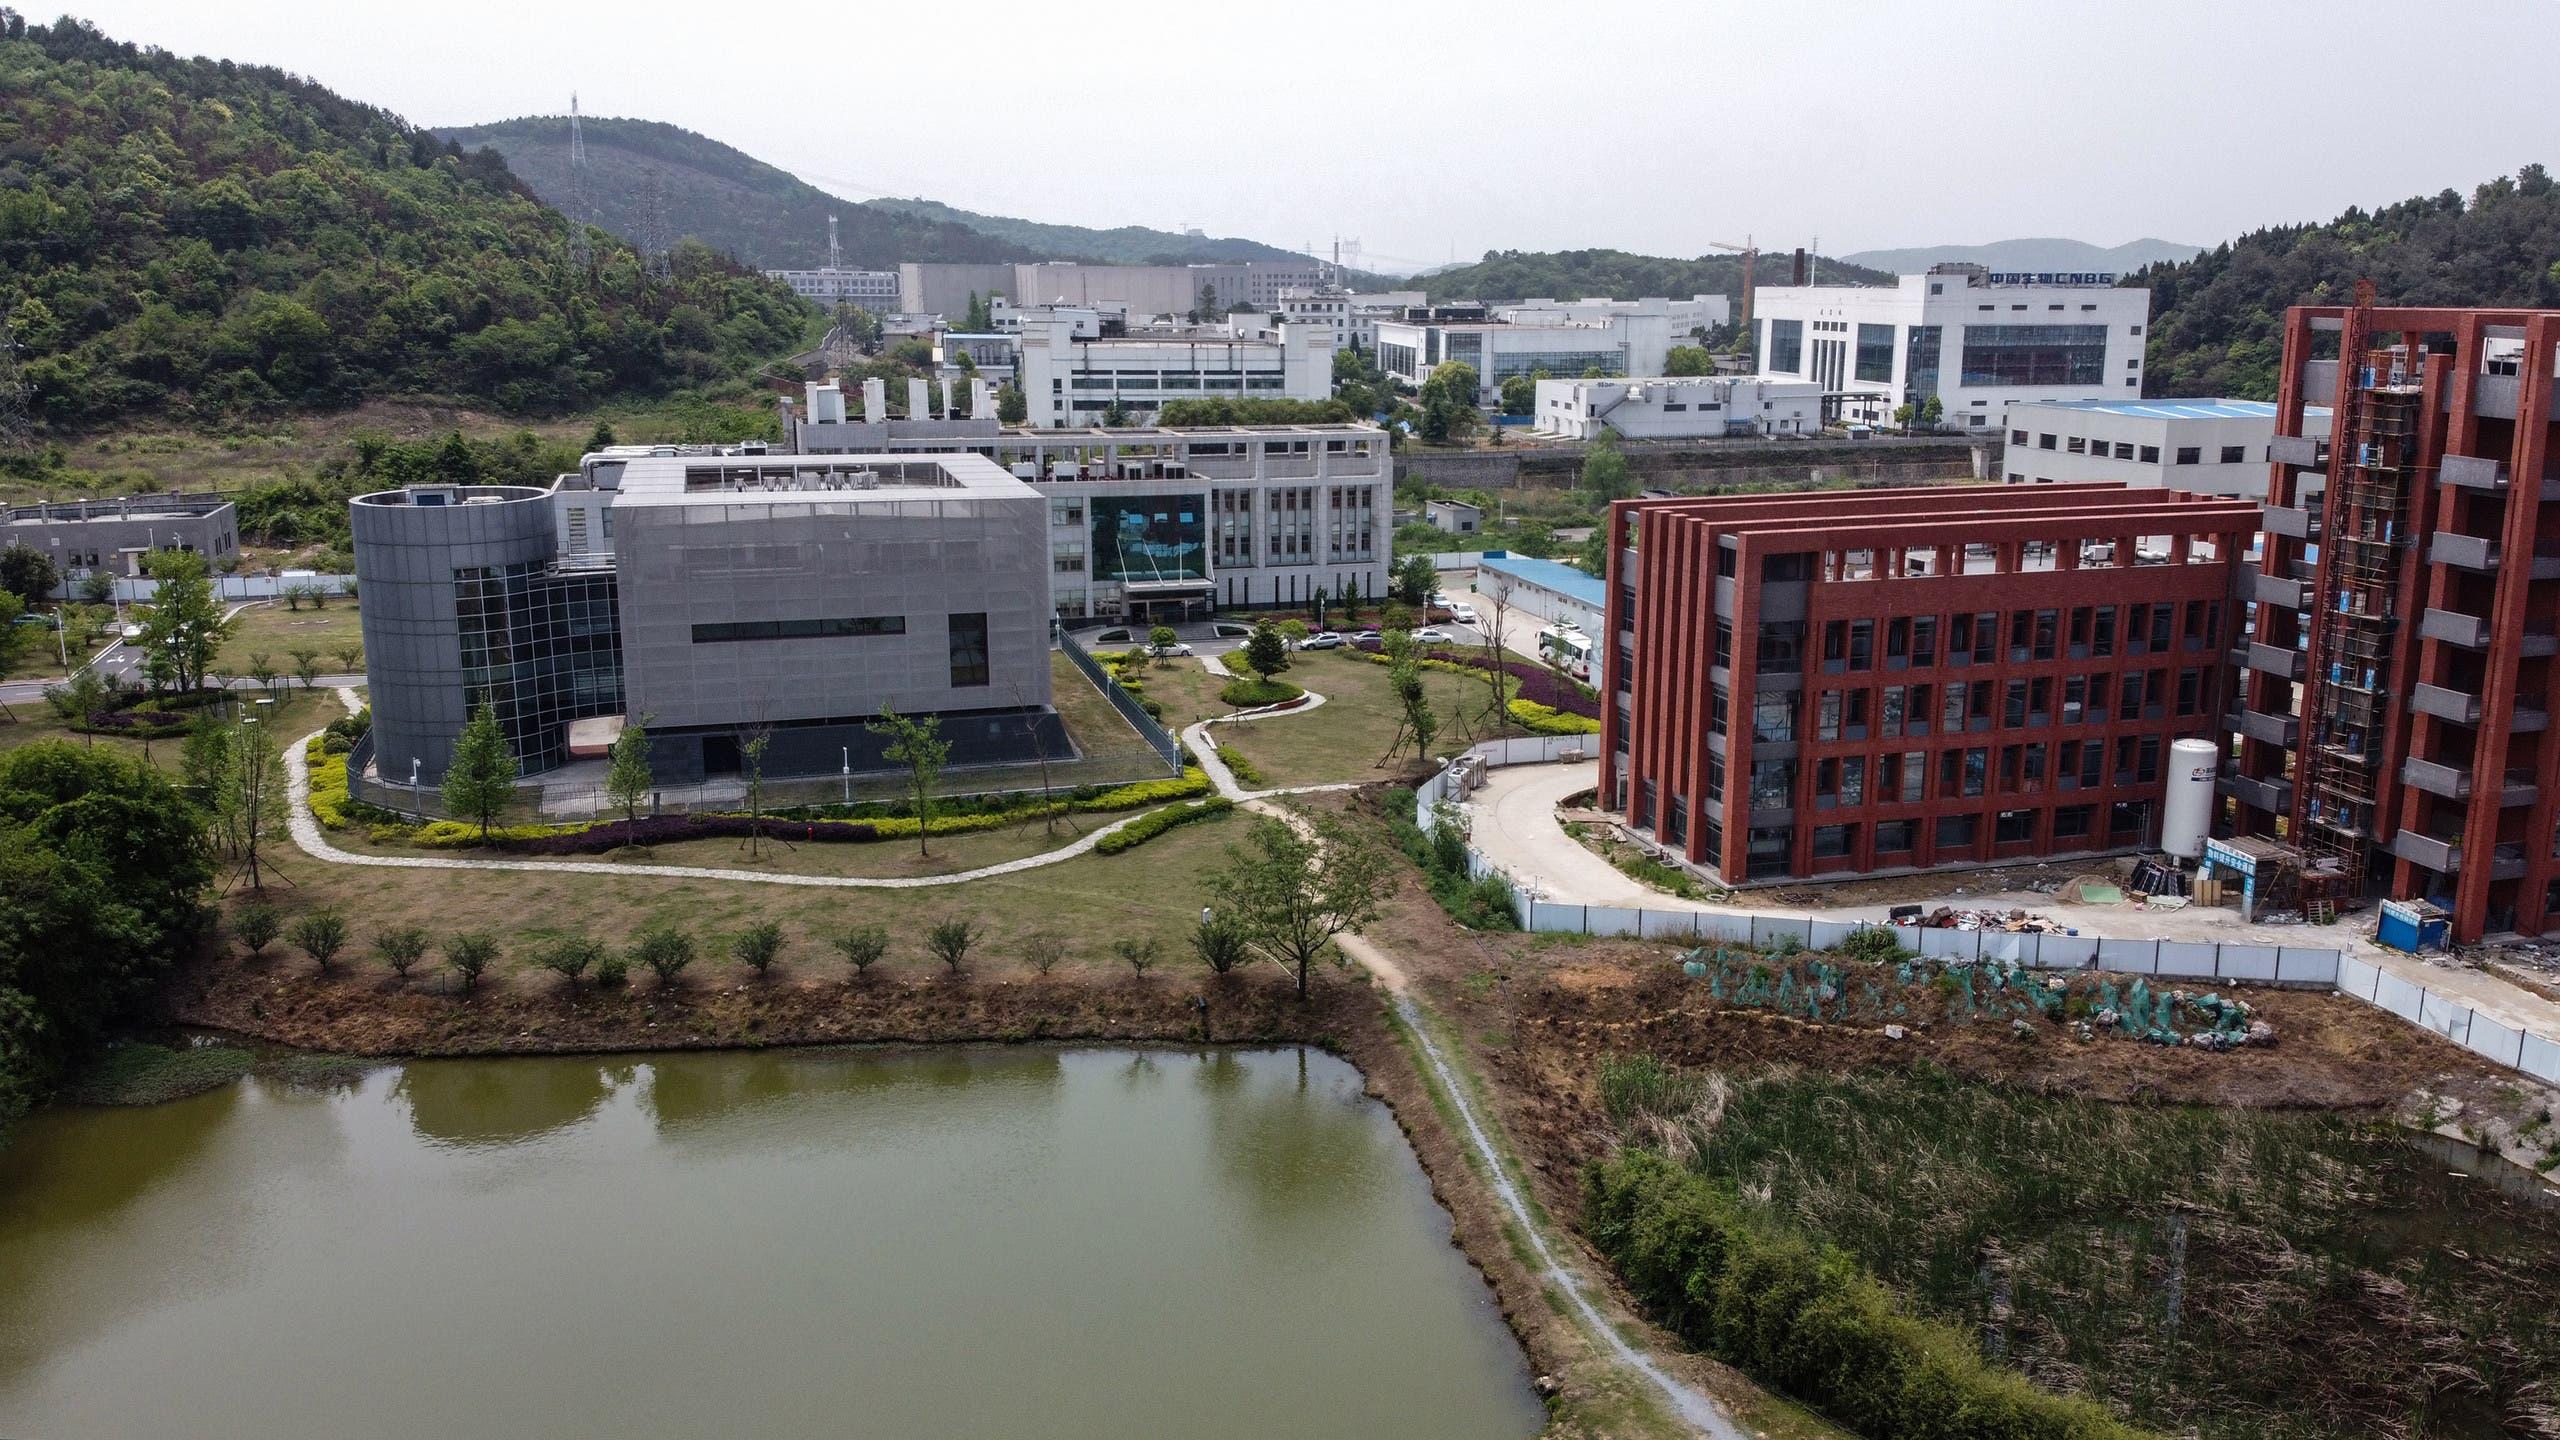 مختبر ووهان في الصين محور شكوك العالم حول نقطة انطلاق الوباء